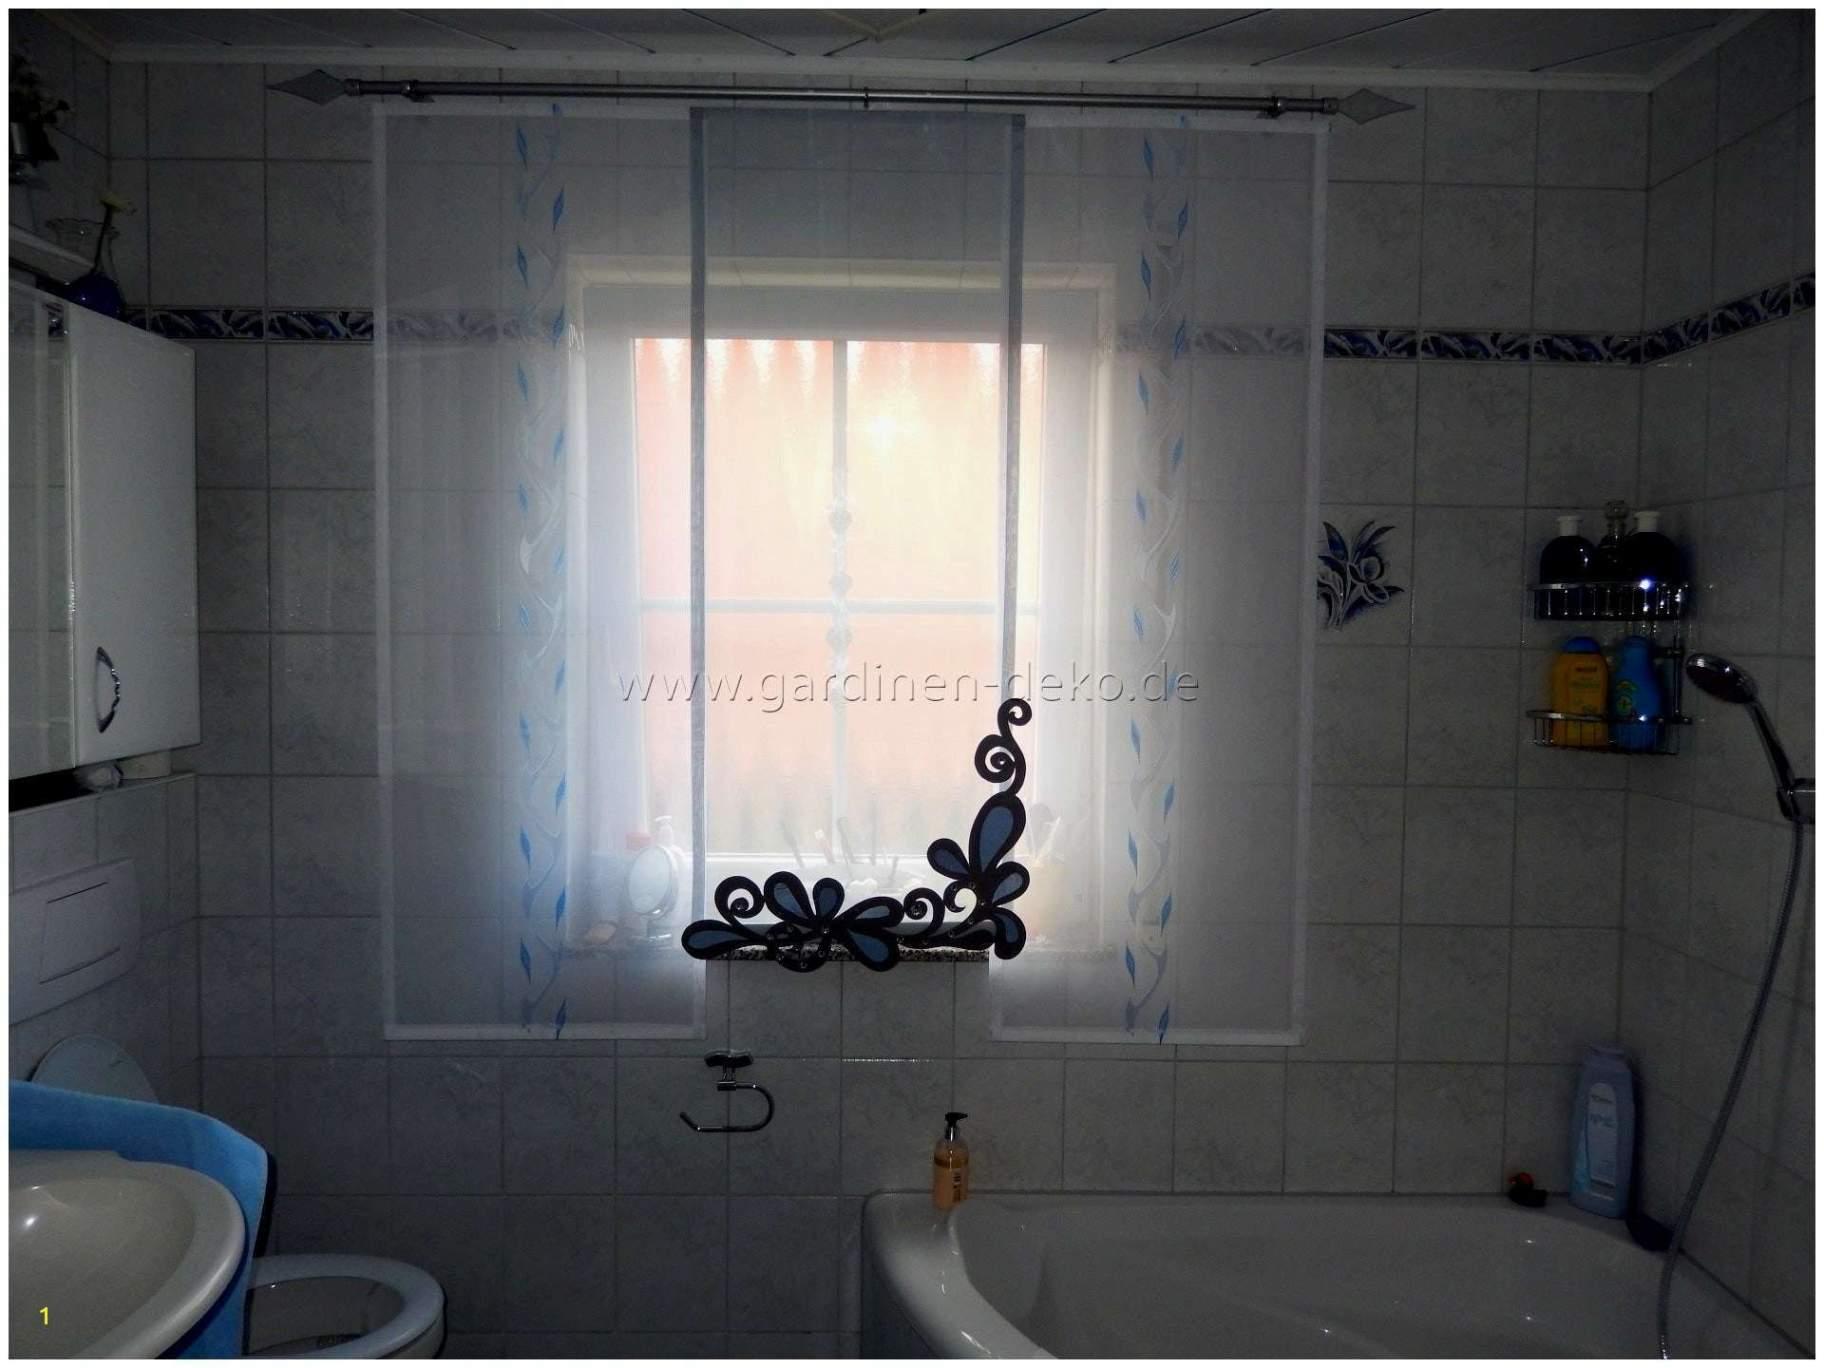 46 schon gemutliche terrasse pic sichtschutz fur badfenster sichtschutz fur badfenster